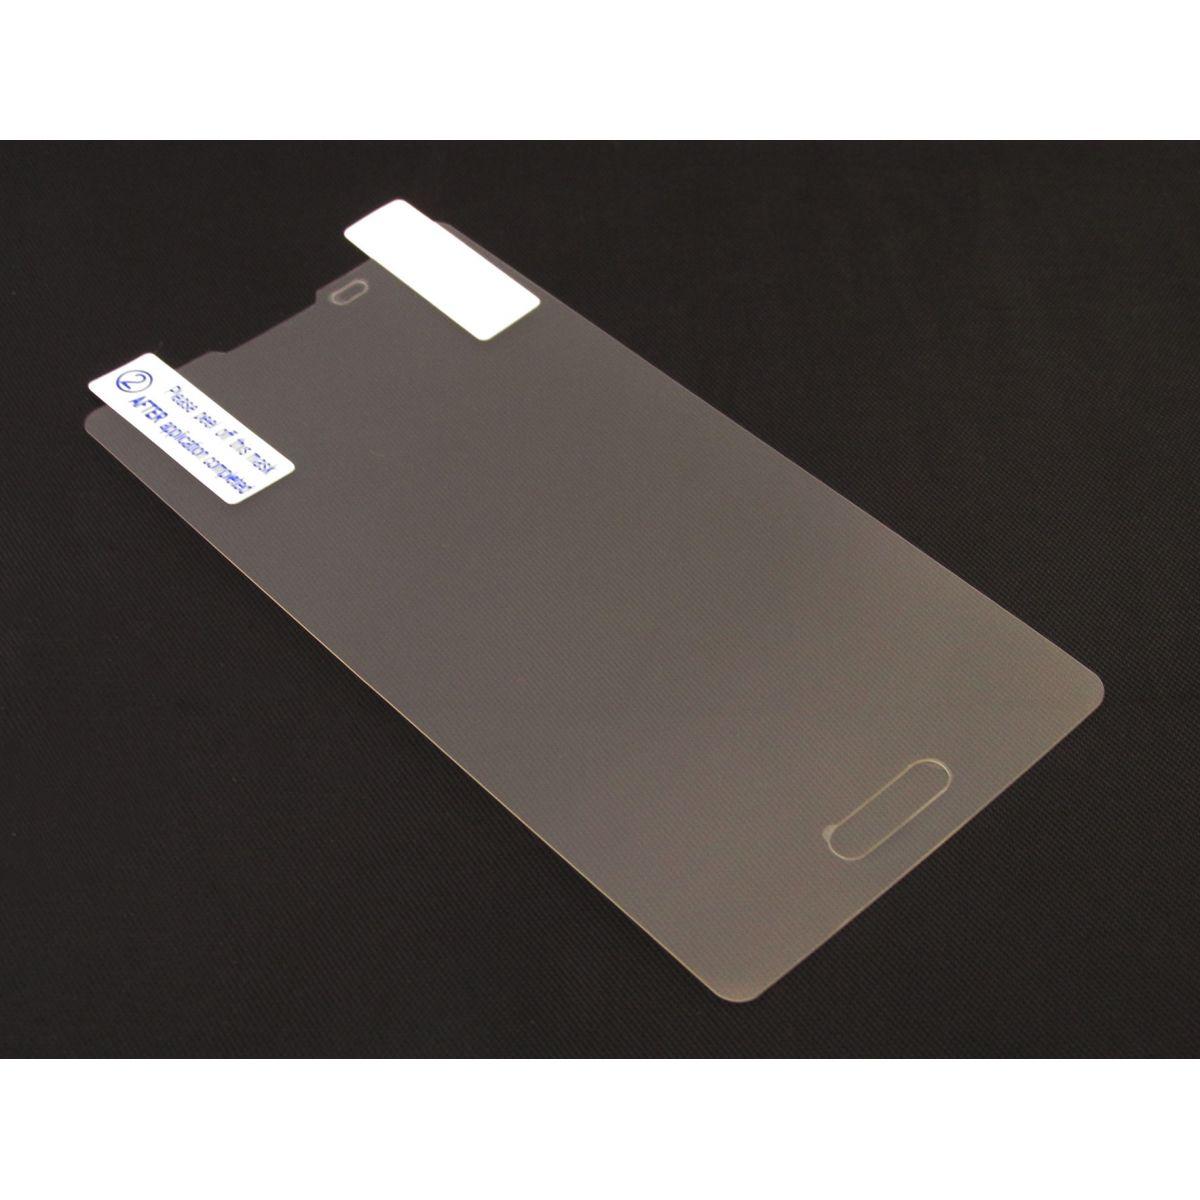 Pelicula Protetora para LG Optimus L5 II E450 Transparente